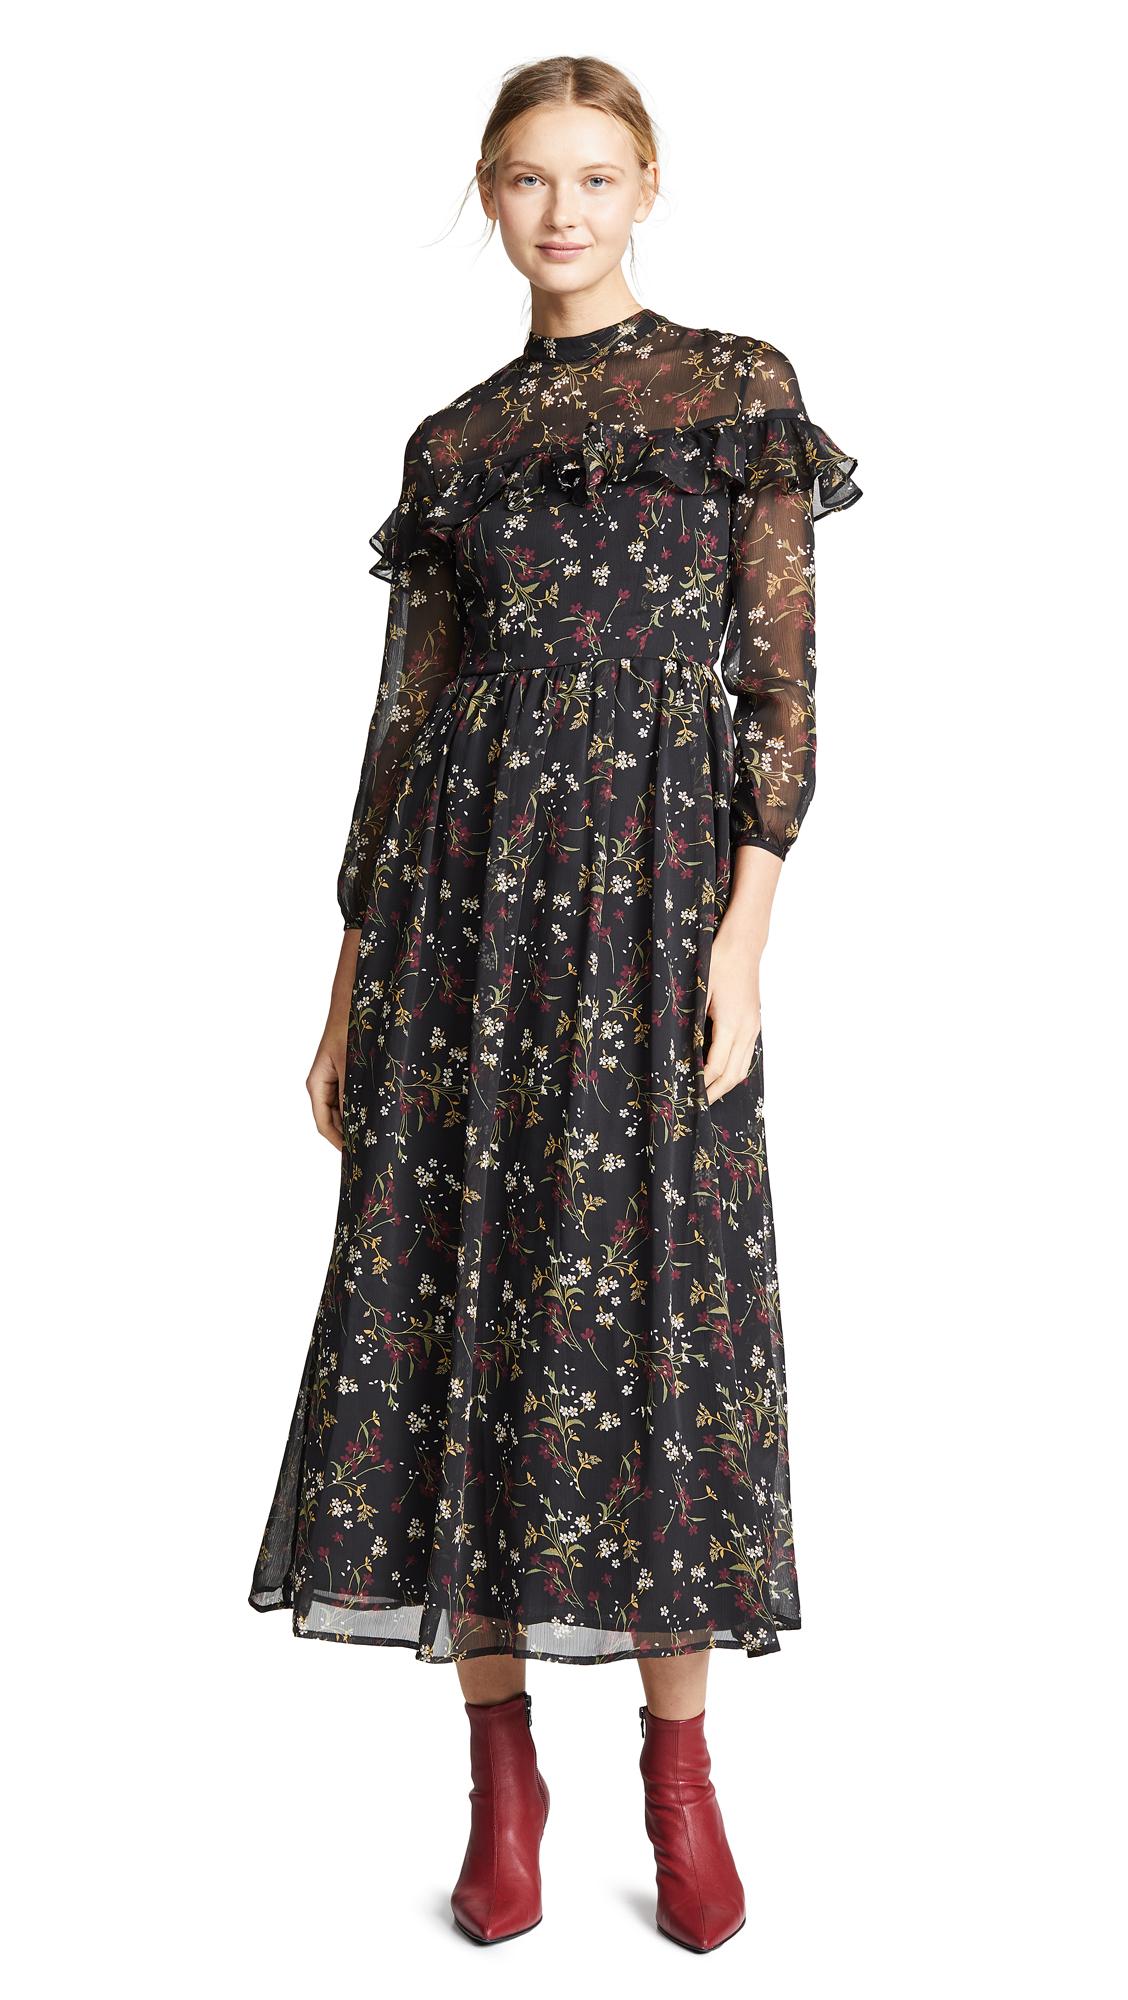 BB Dakota Floral Attire Chiffon Dress - Black